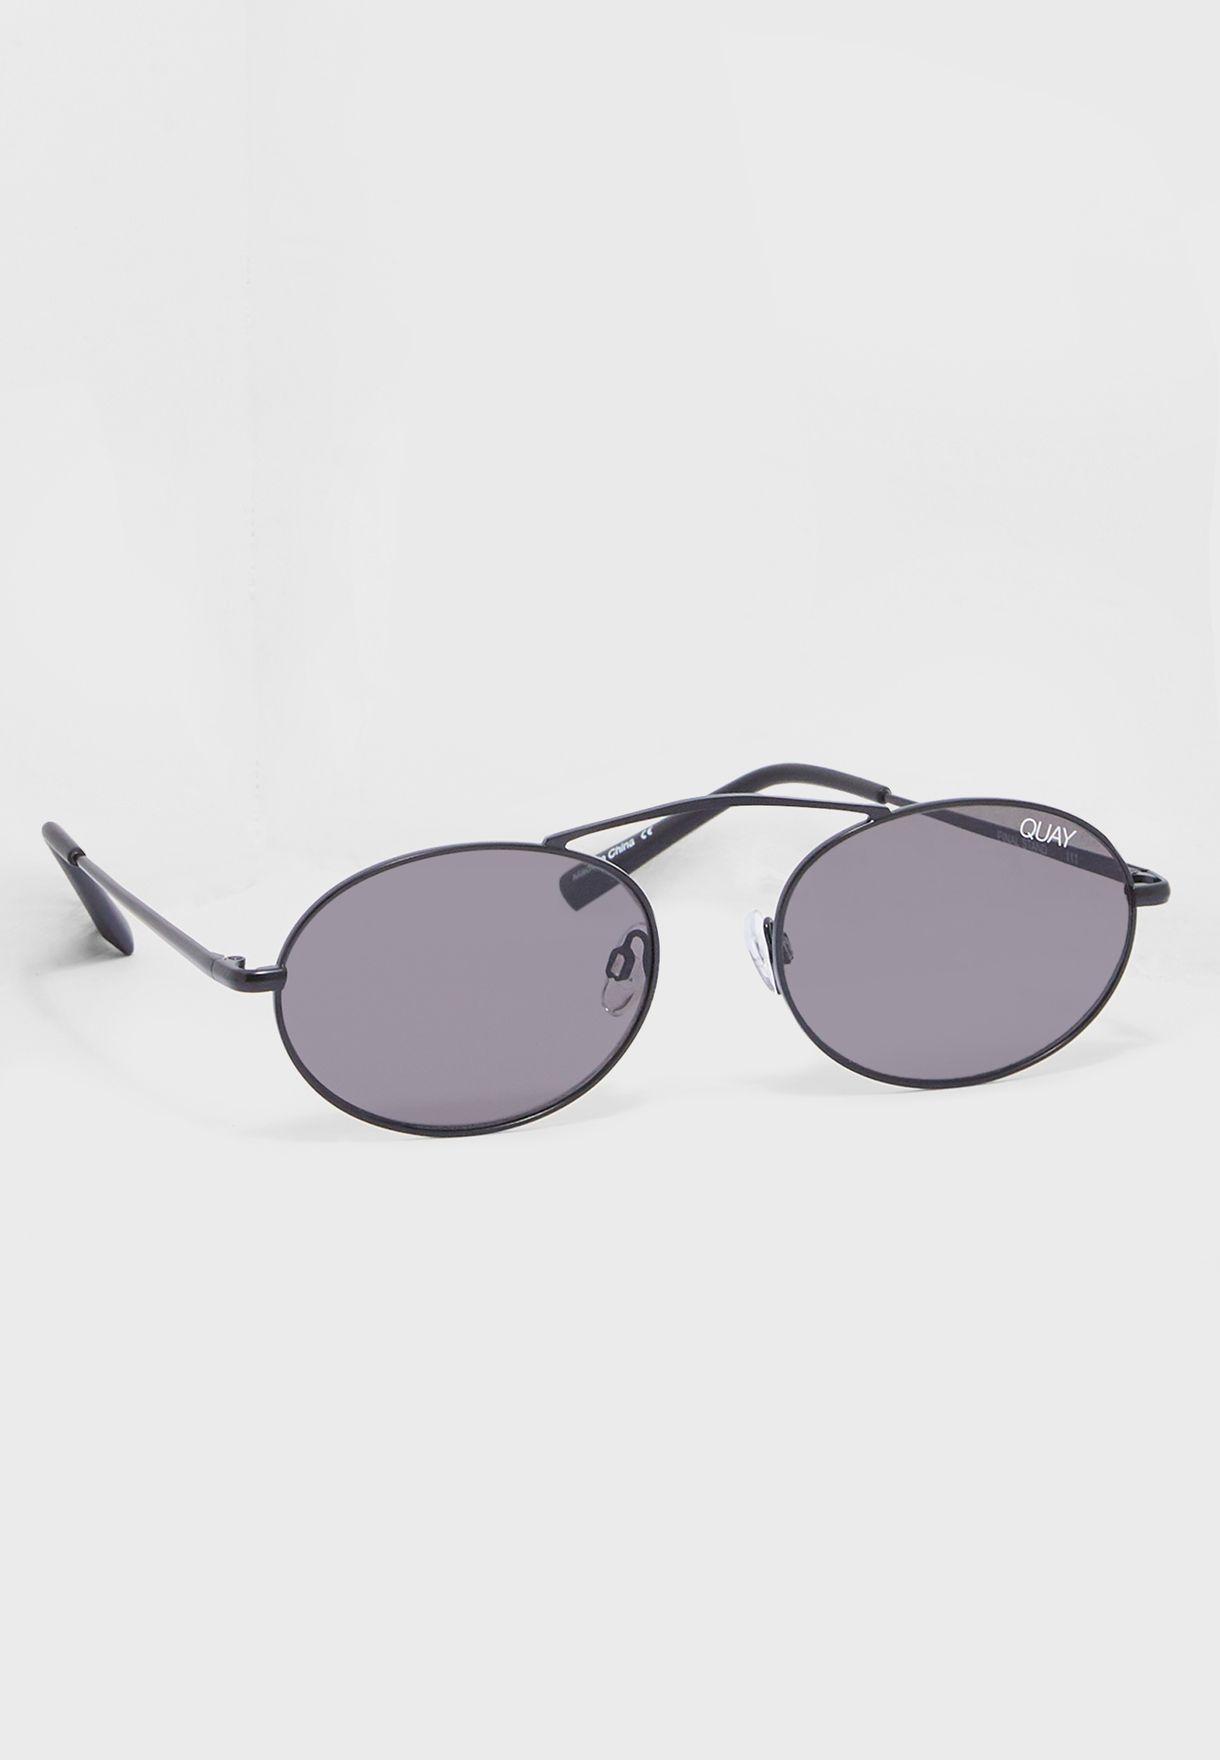 نظارة شمسية من مجموعة فايندرز كيبرز